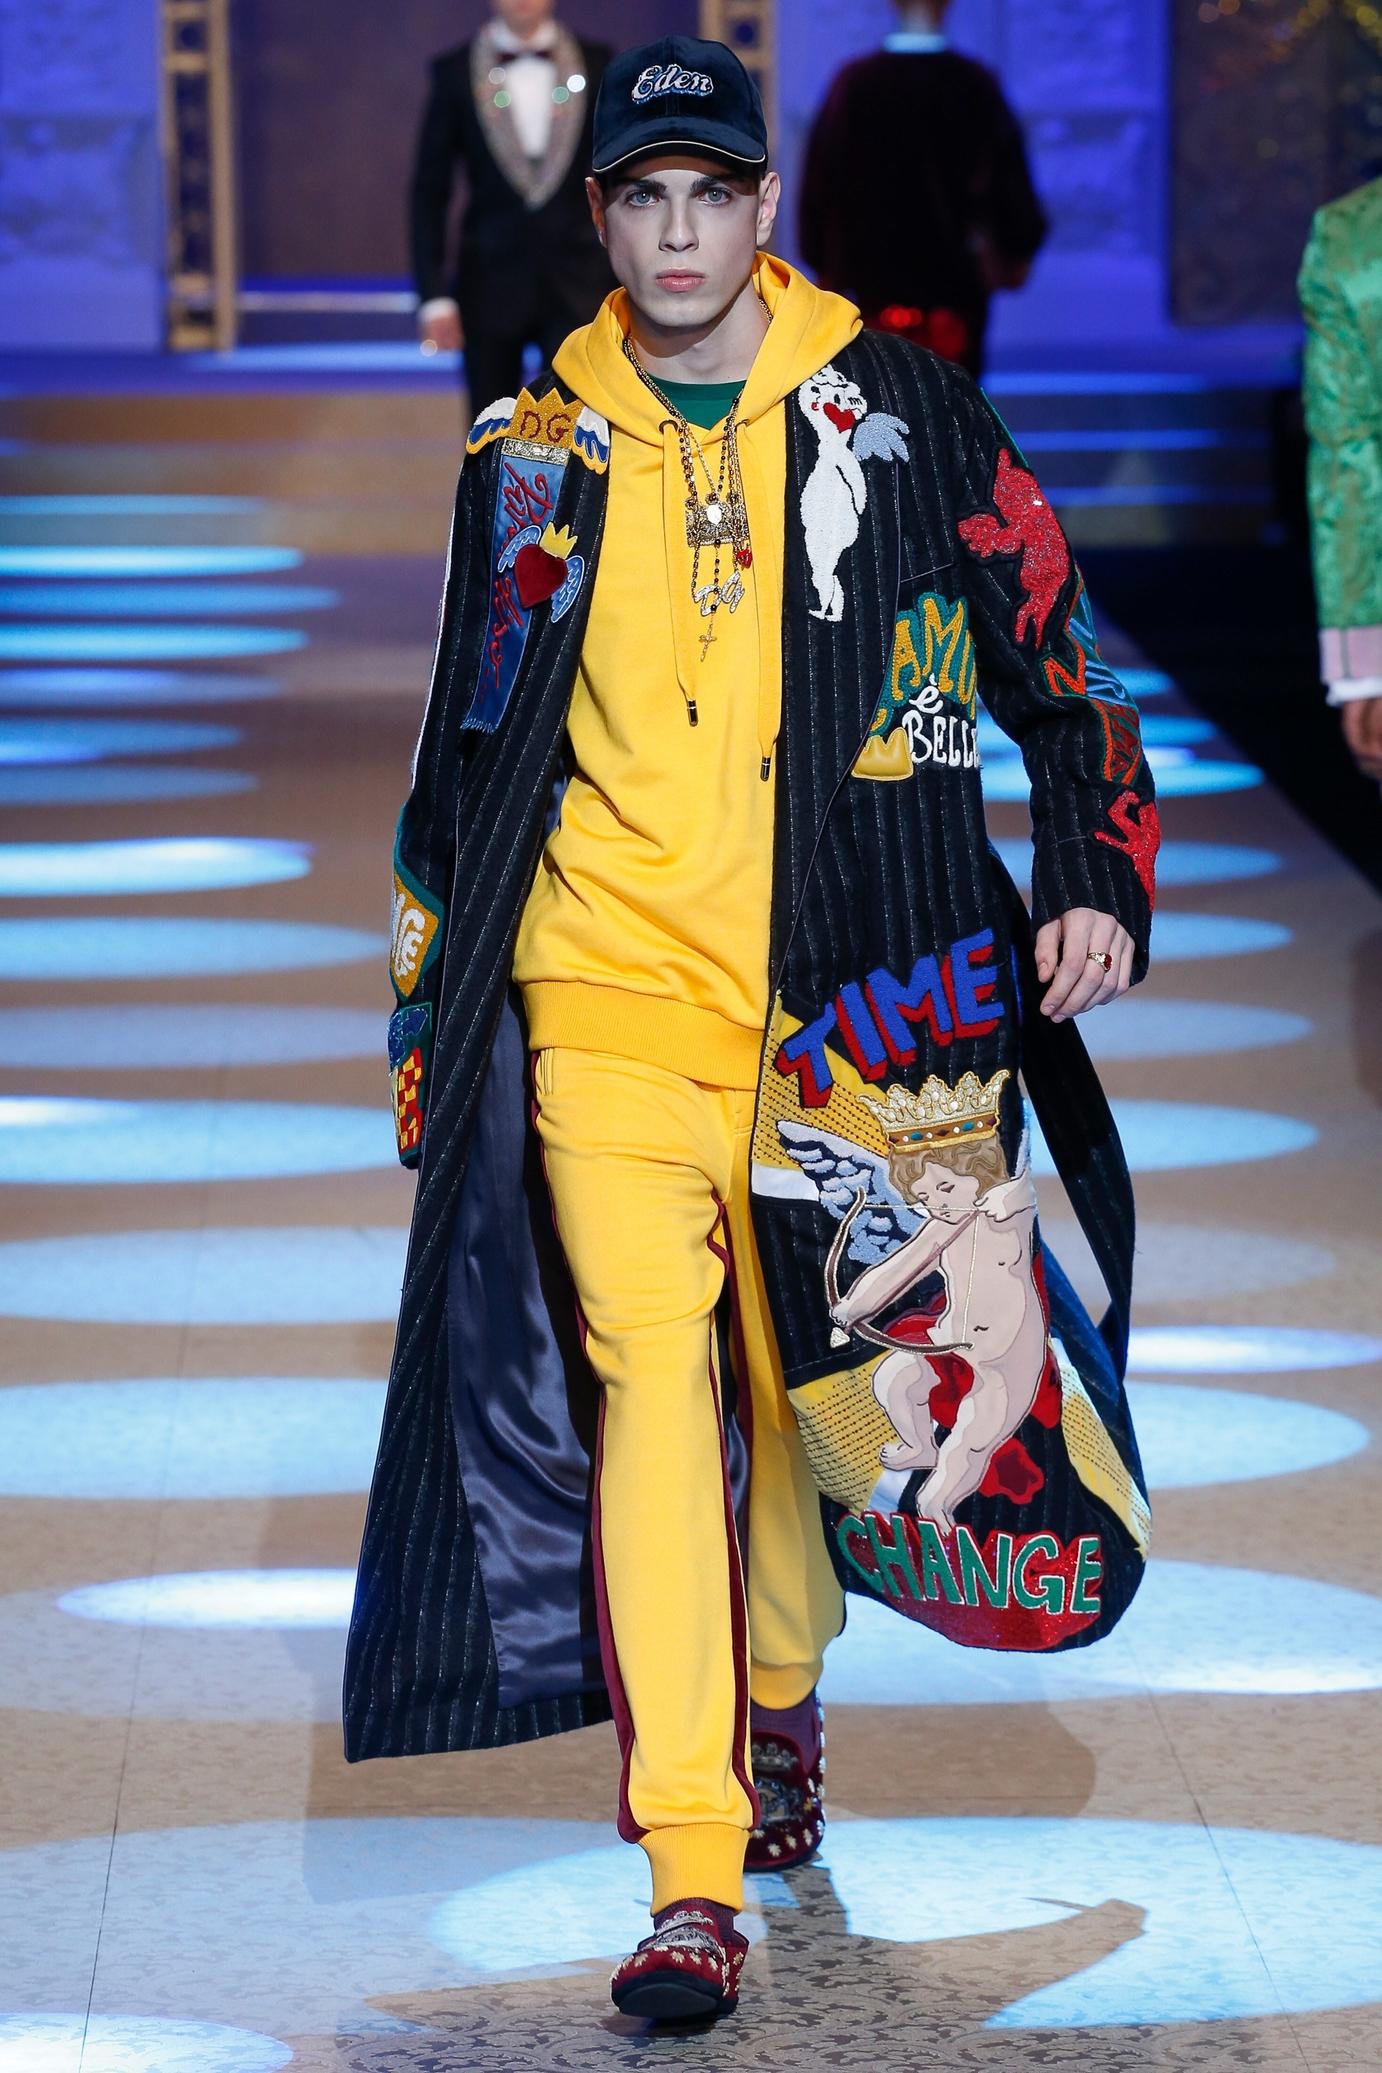 Dolce & Gabbana Menswear Fall:Winter 2018 2